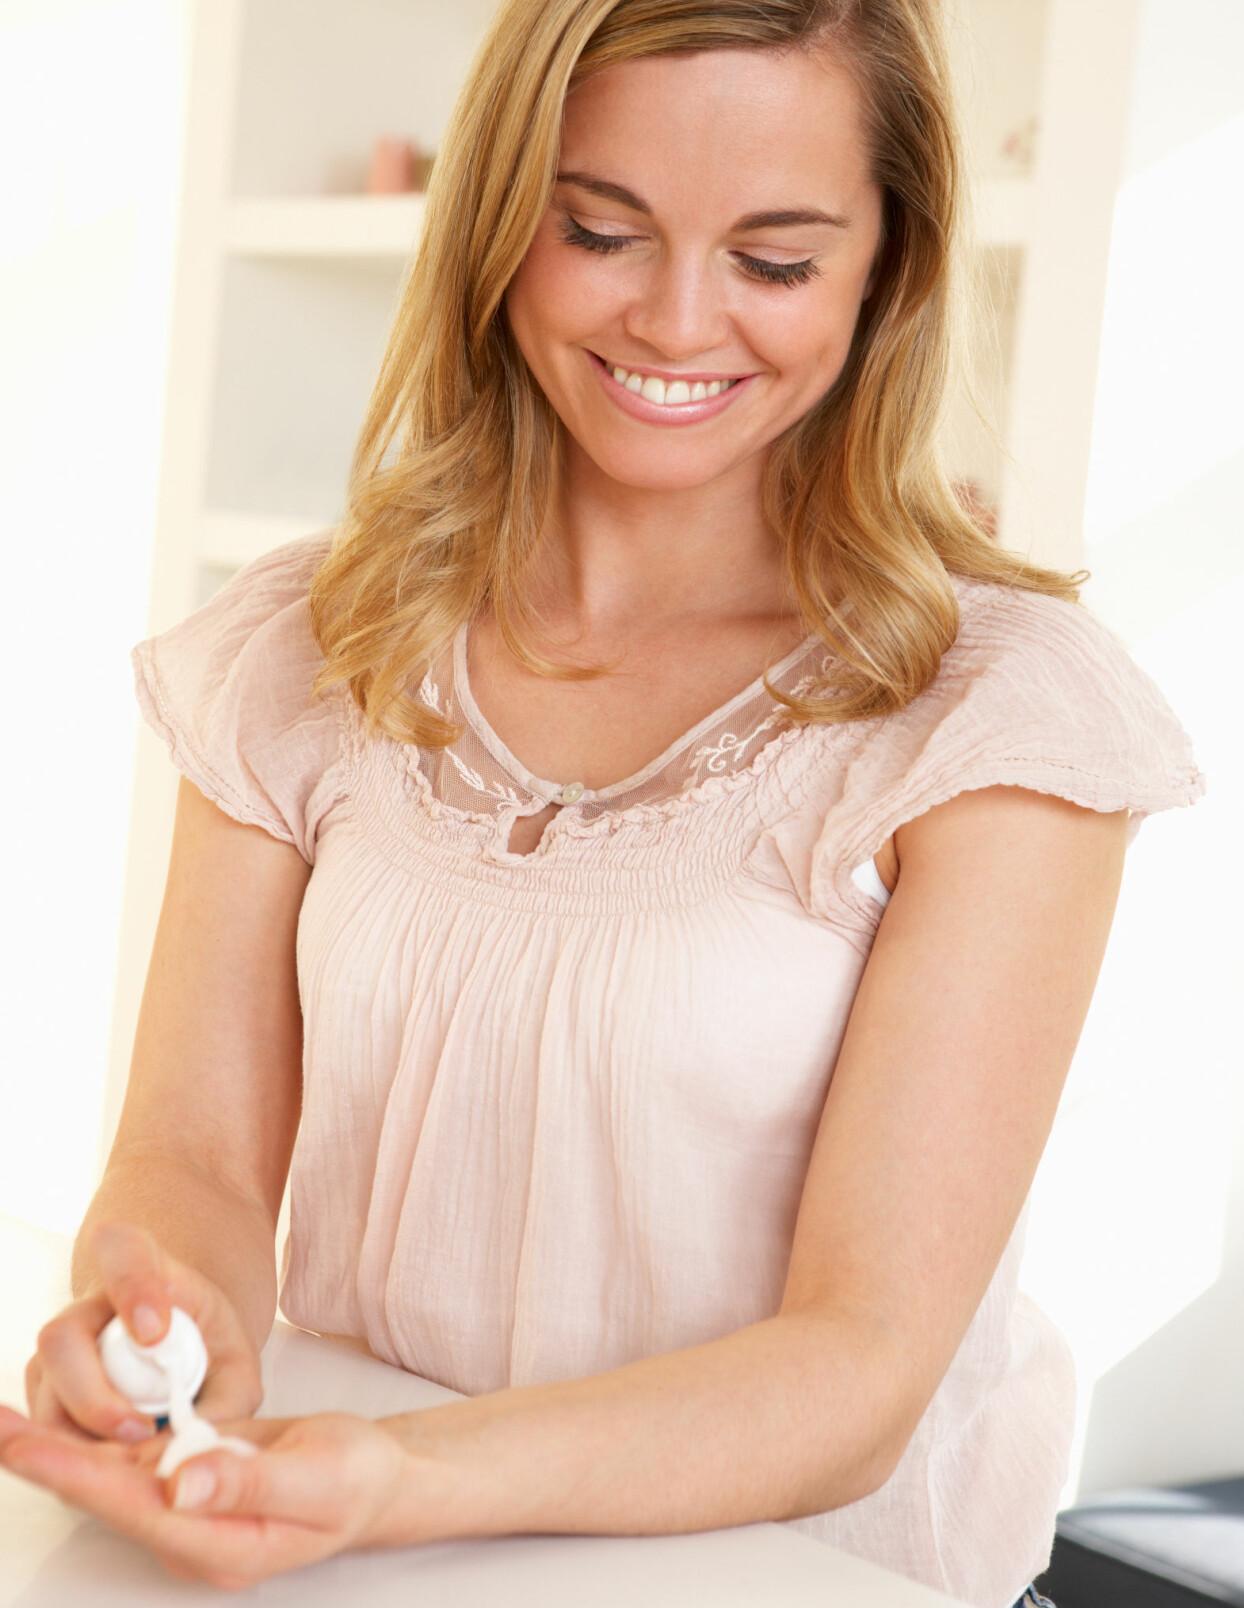 En kvinna tvättar händerna med handsprit.